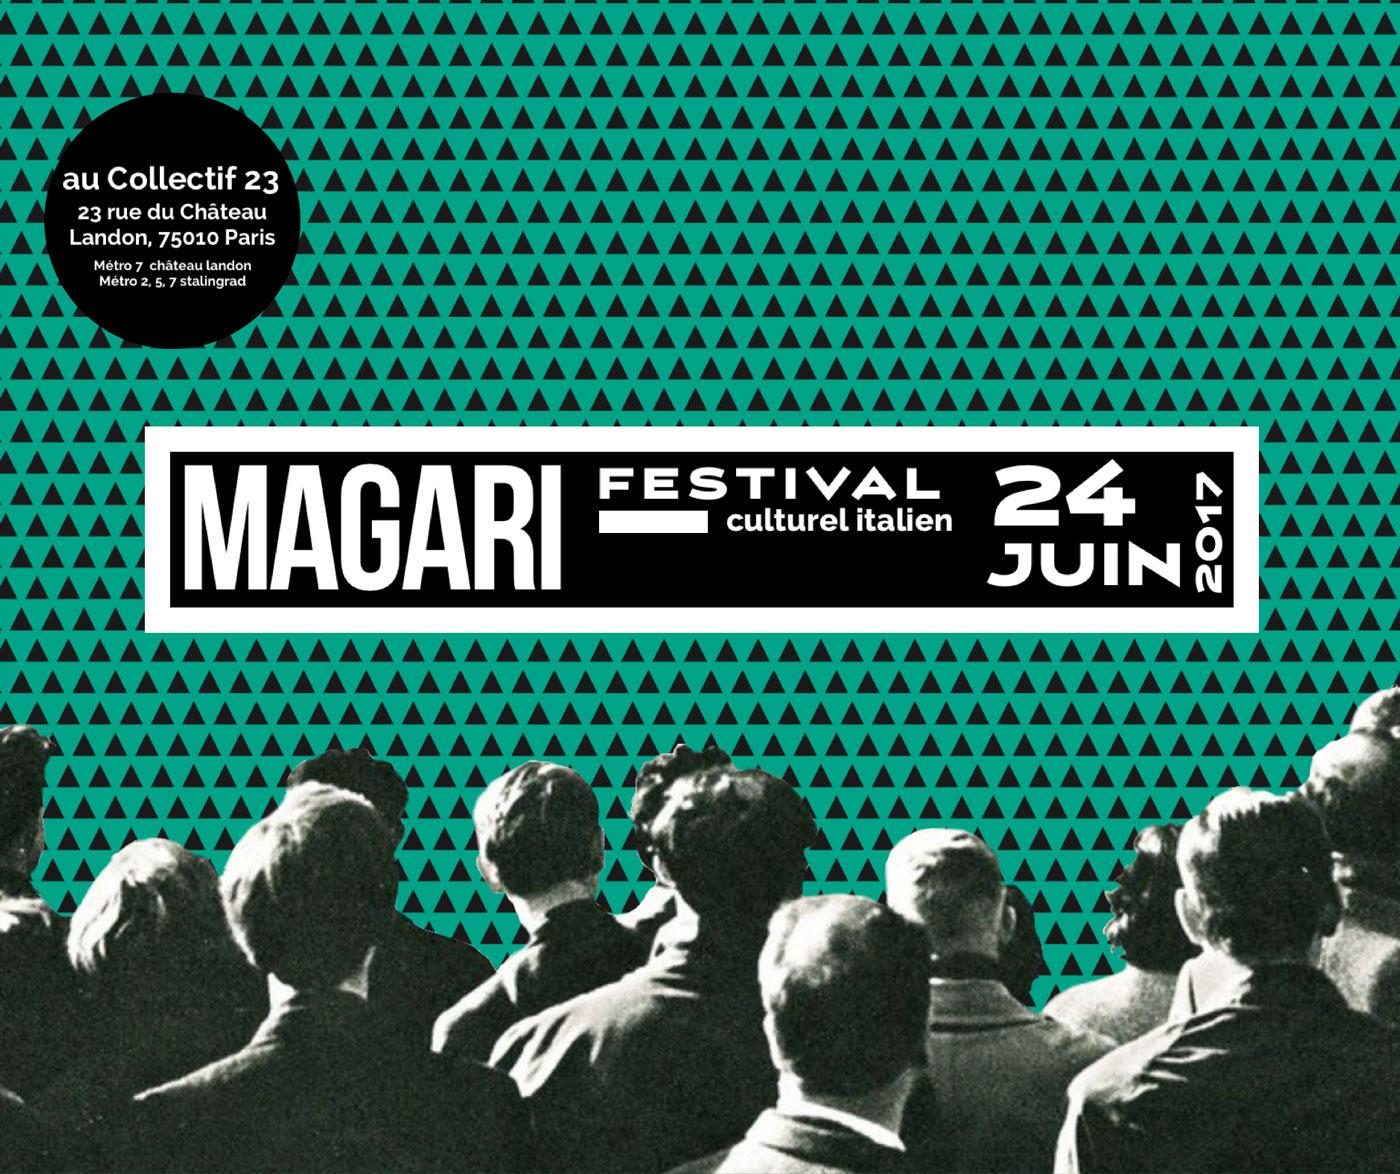 Festival Magàri, Paris le 24 juin 2017